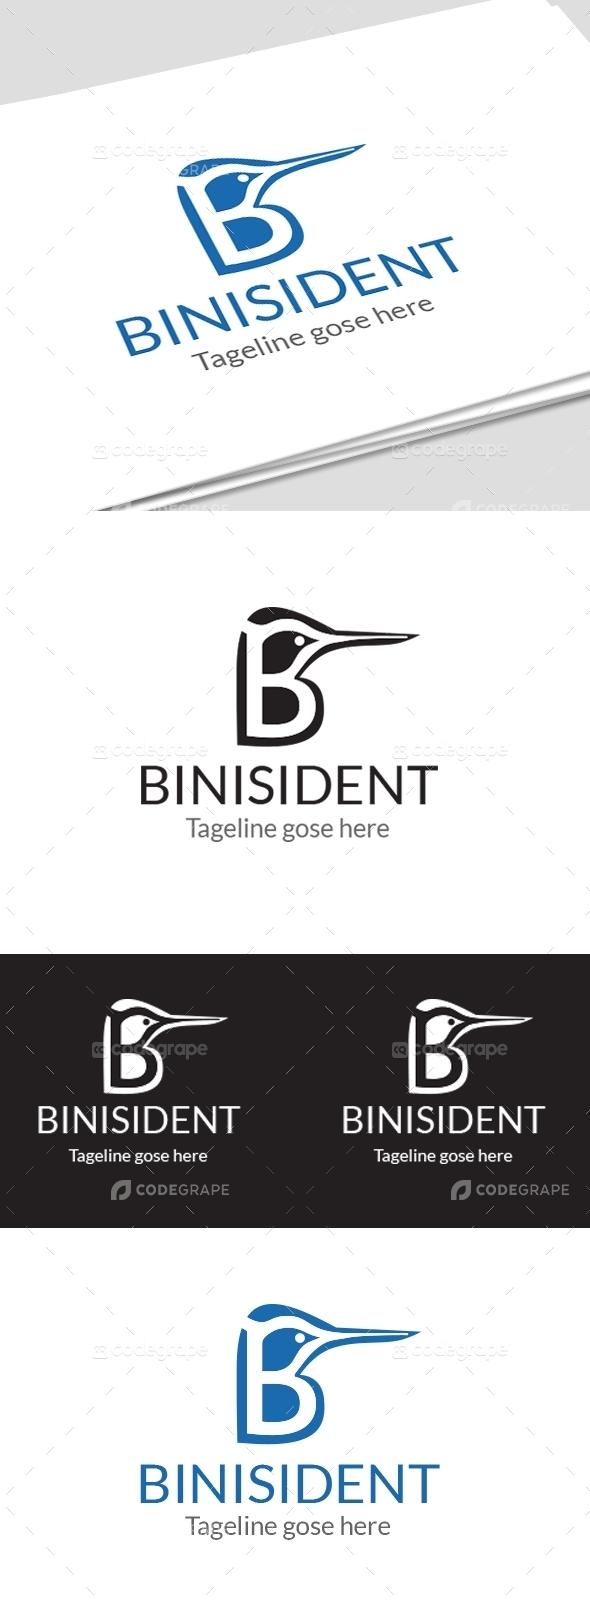 Binisident B letter logo